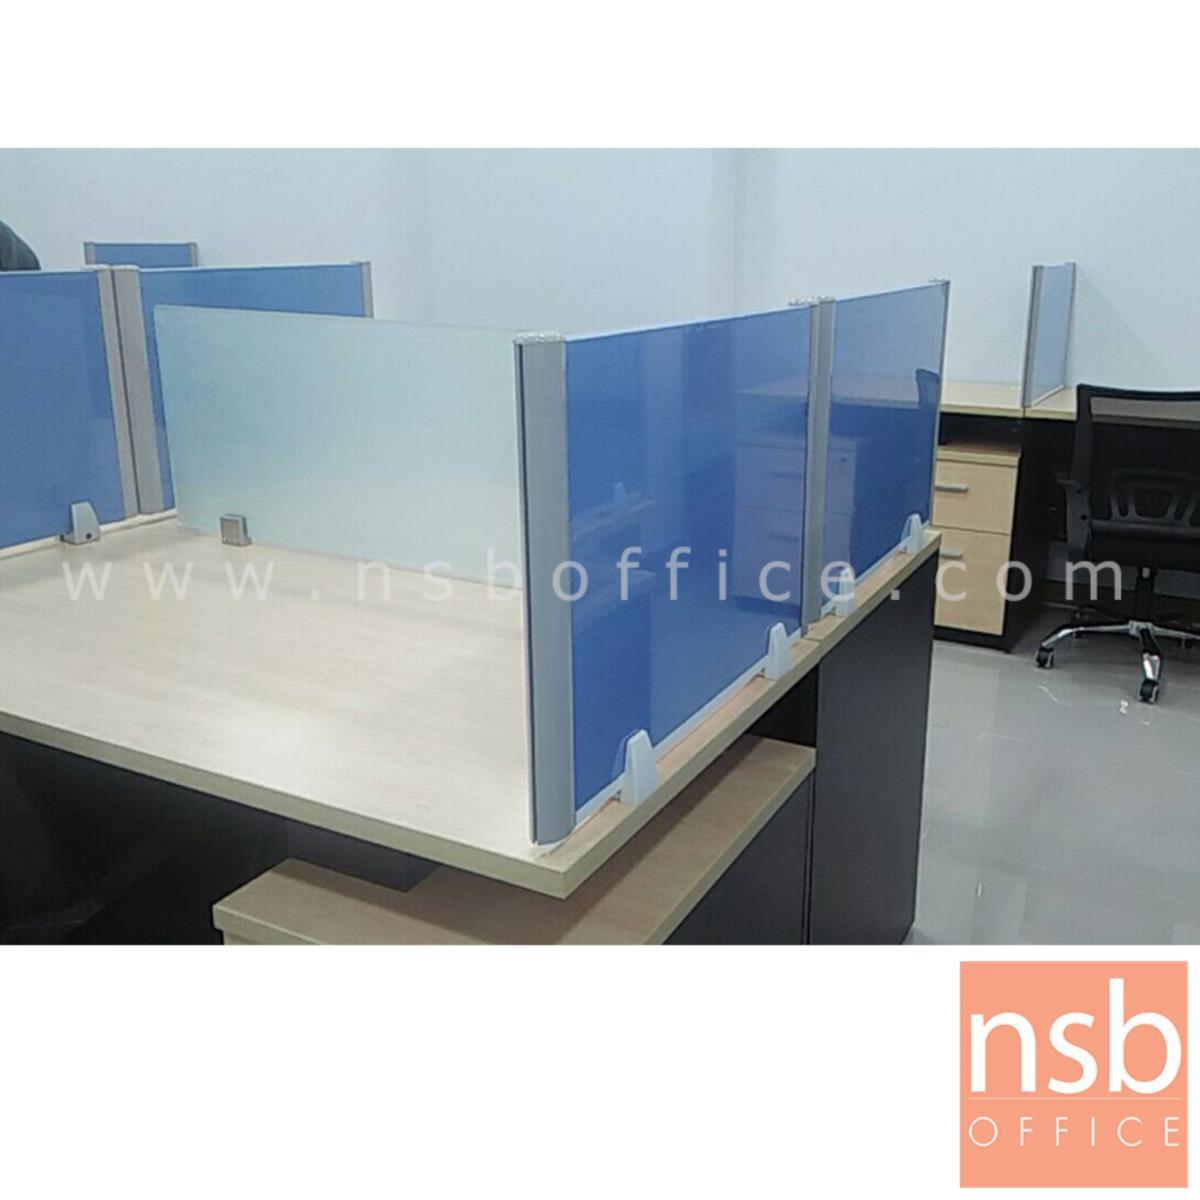 มินิสกรีนหุ้มผ้า เฟรมอลูมินั่ม (พร้อมตัวจับสีขาว แบบเจาะหน้าโต๊ะ)  80W - 180W cm